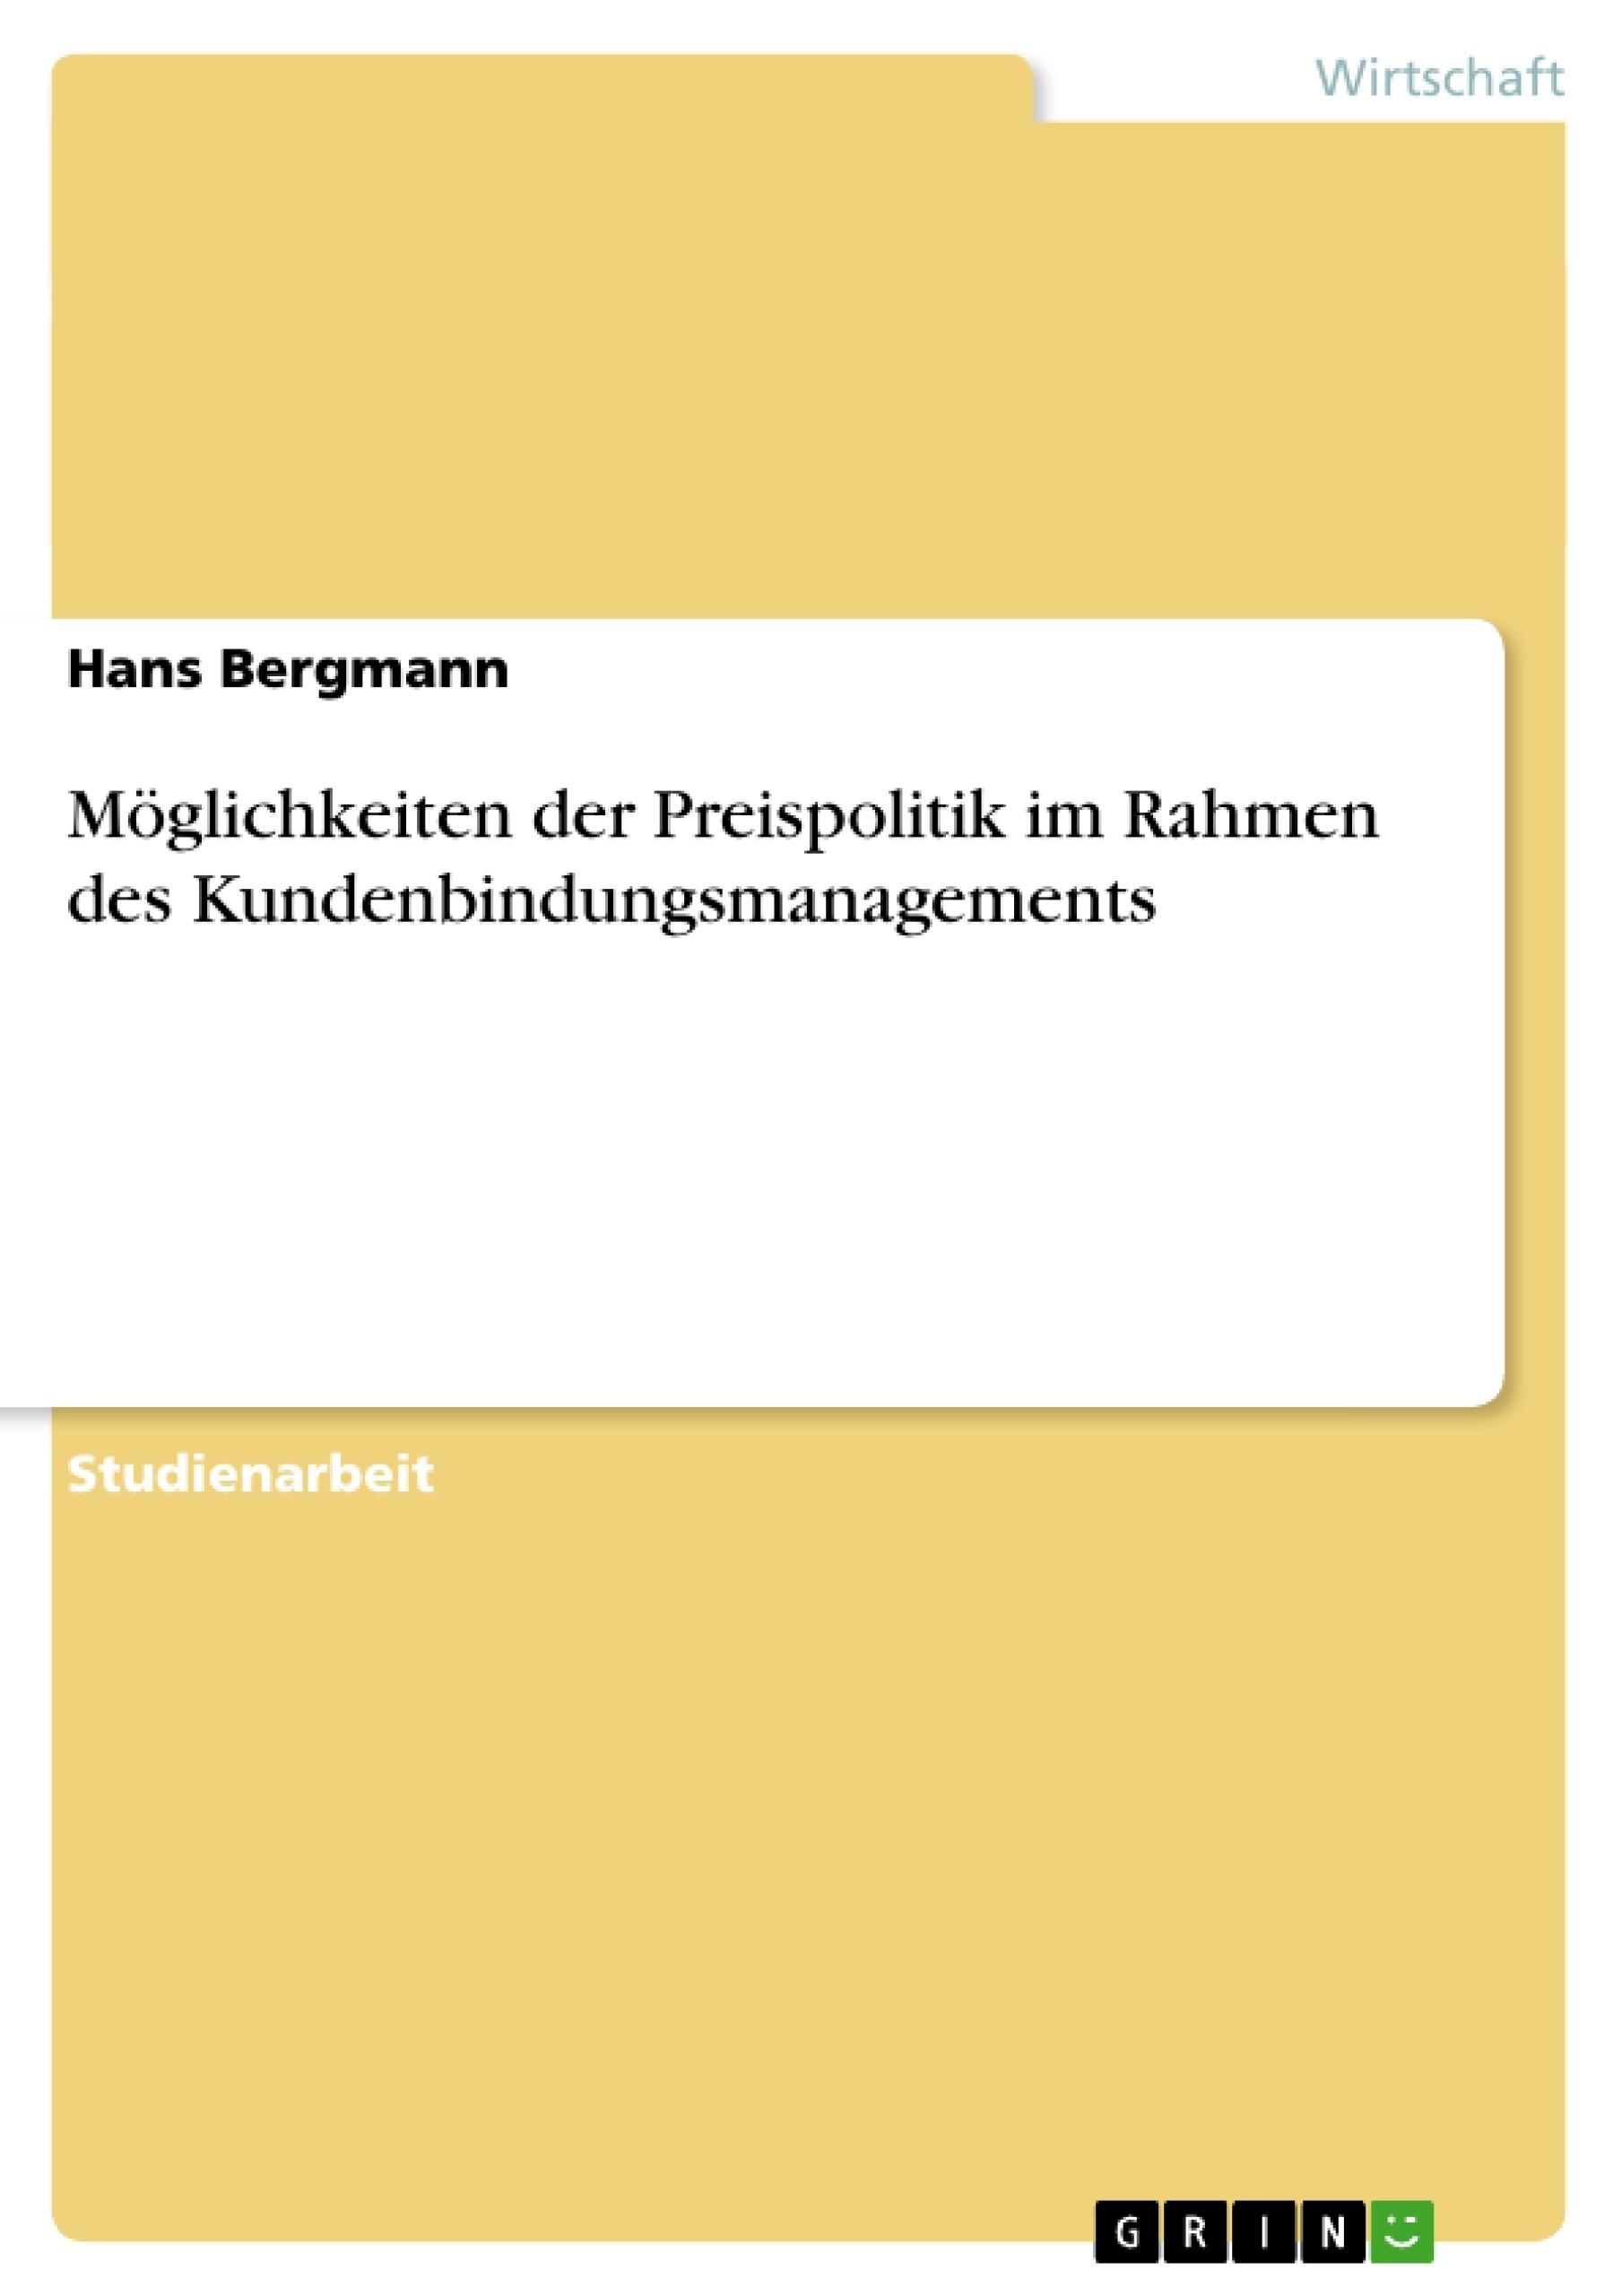 Titel: Möglichkeiten der Preispolitik im Rahmen des Kundenbindungsmanagements